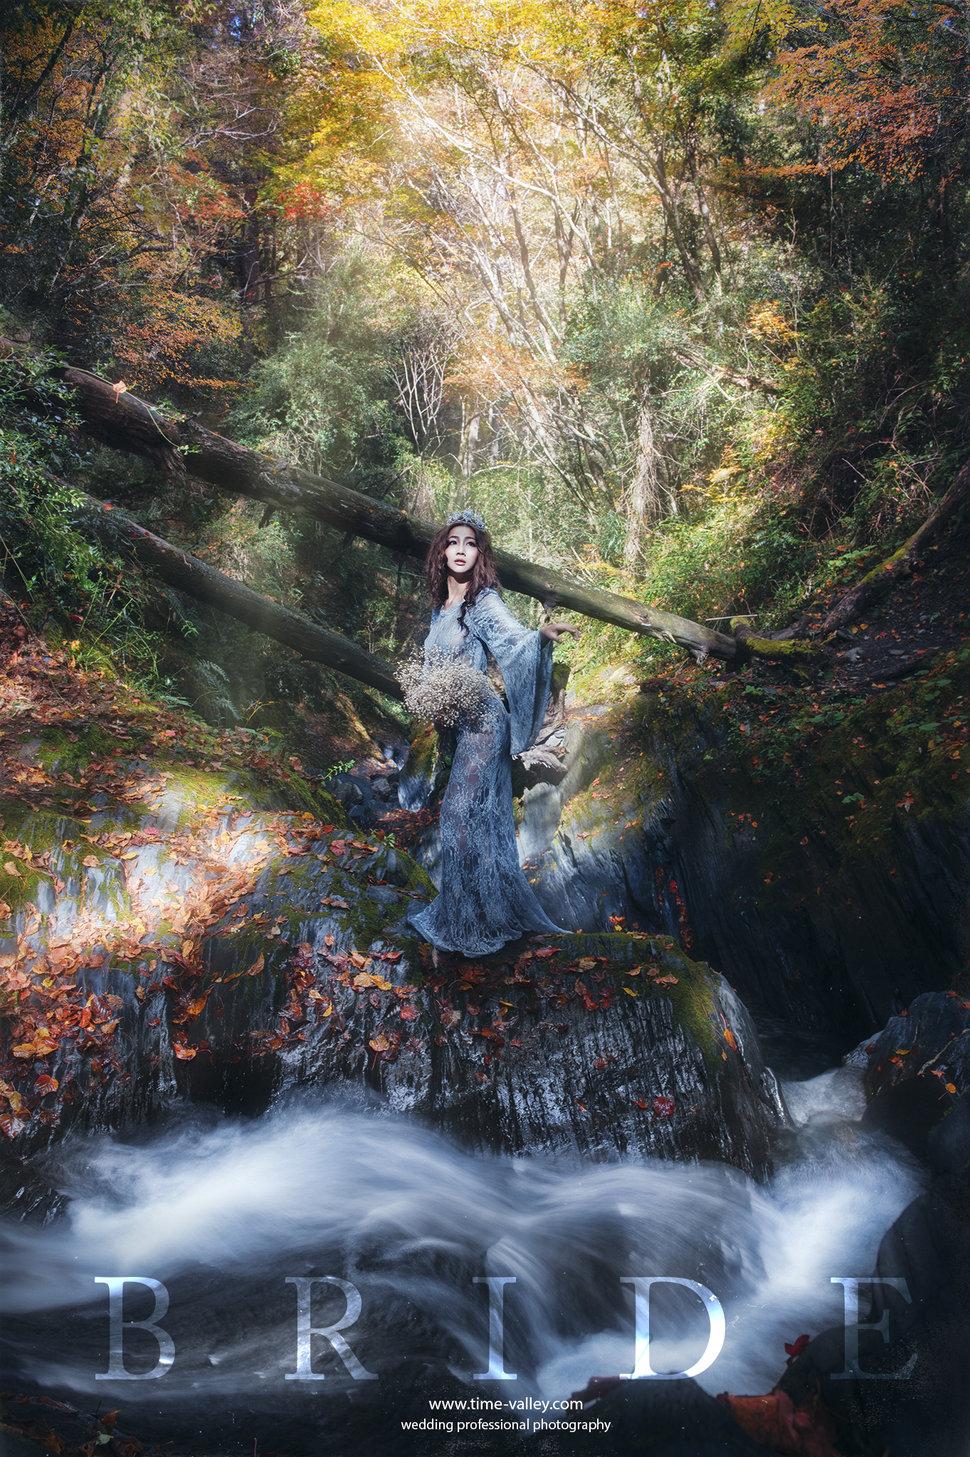 楓之谷 - 時光流域攝影工作室《結婚吧》